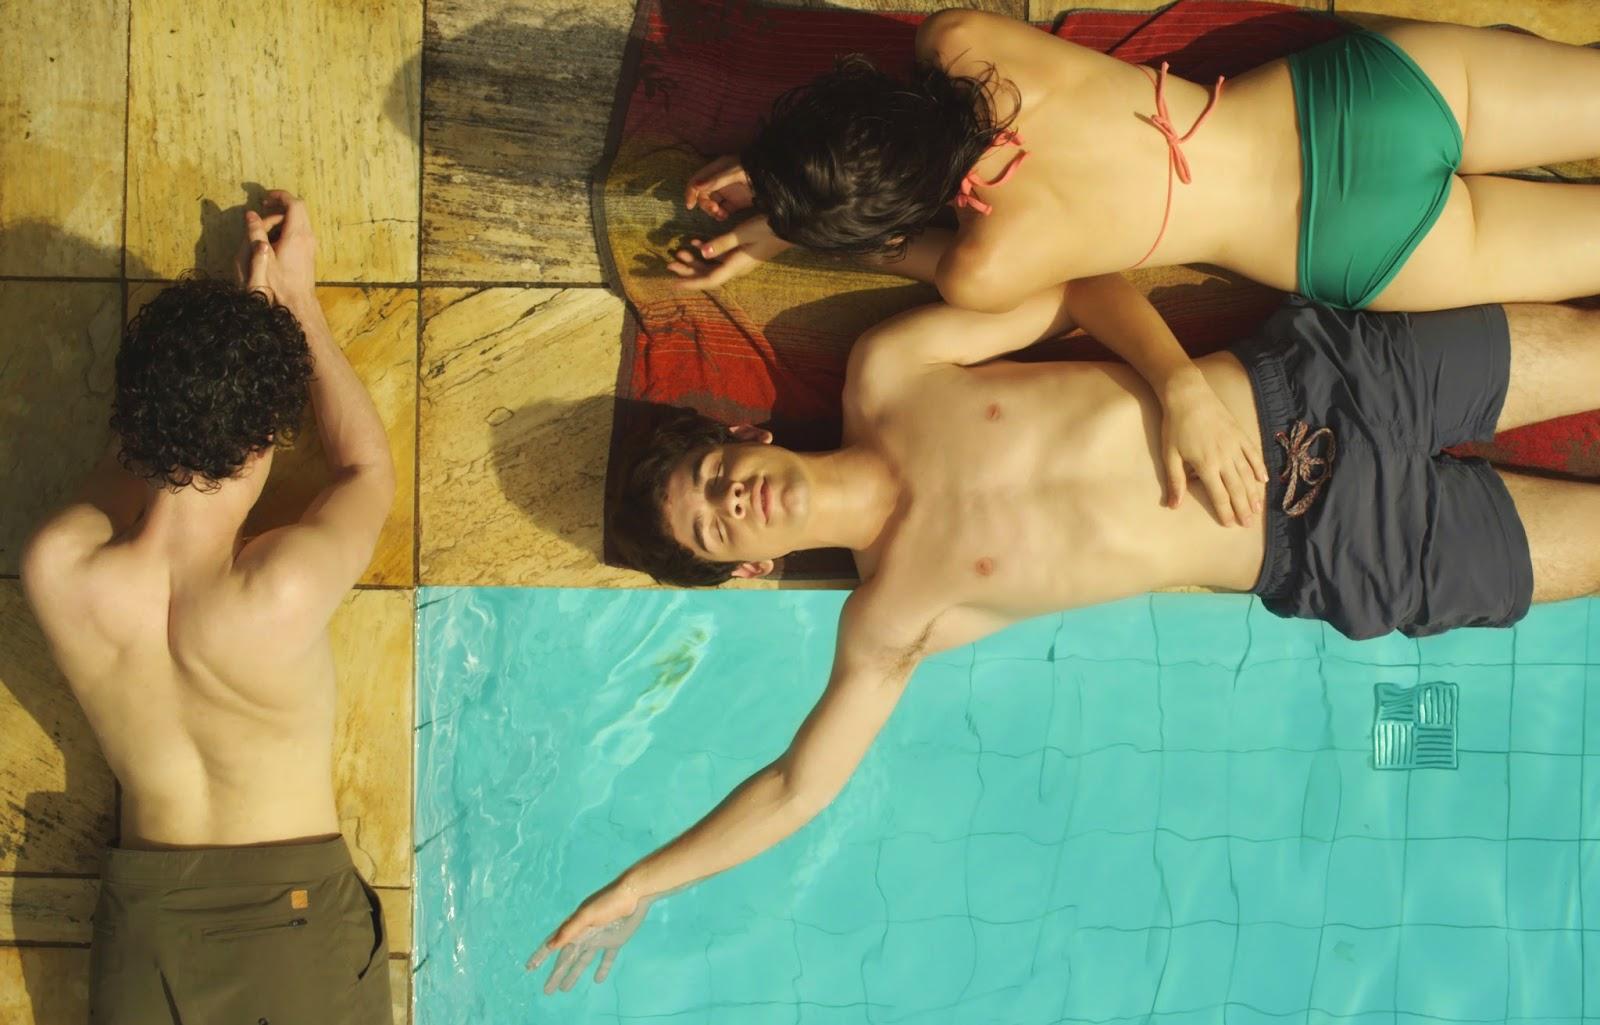 Bikini fashion shoot